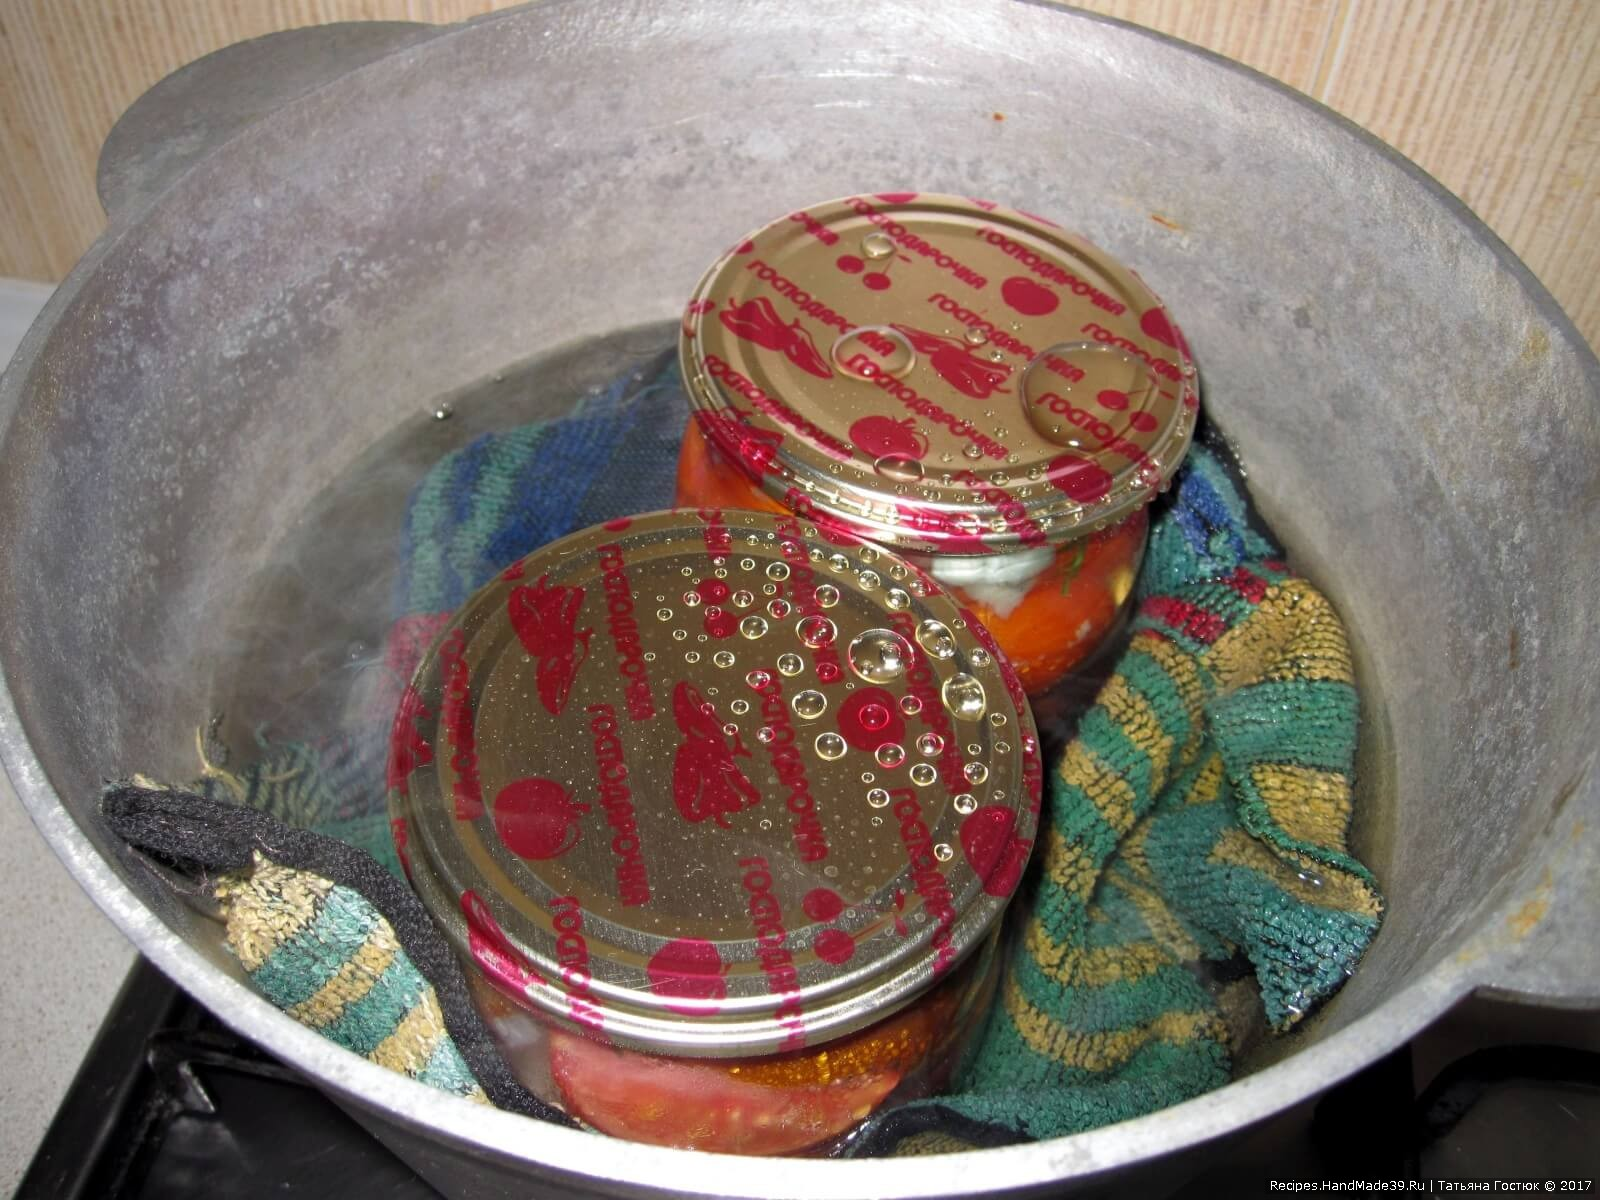 Накрываем банки крышками и укладываем их в кастрюлю. Стерилизуем по 5 минут с момента закипания воды в кастрюле